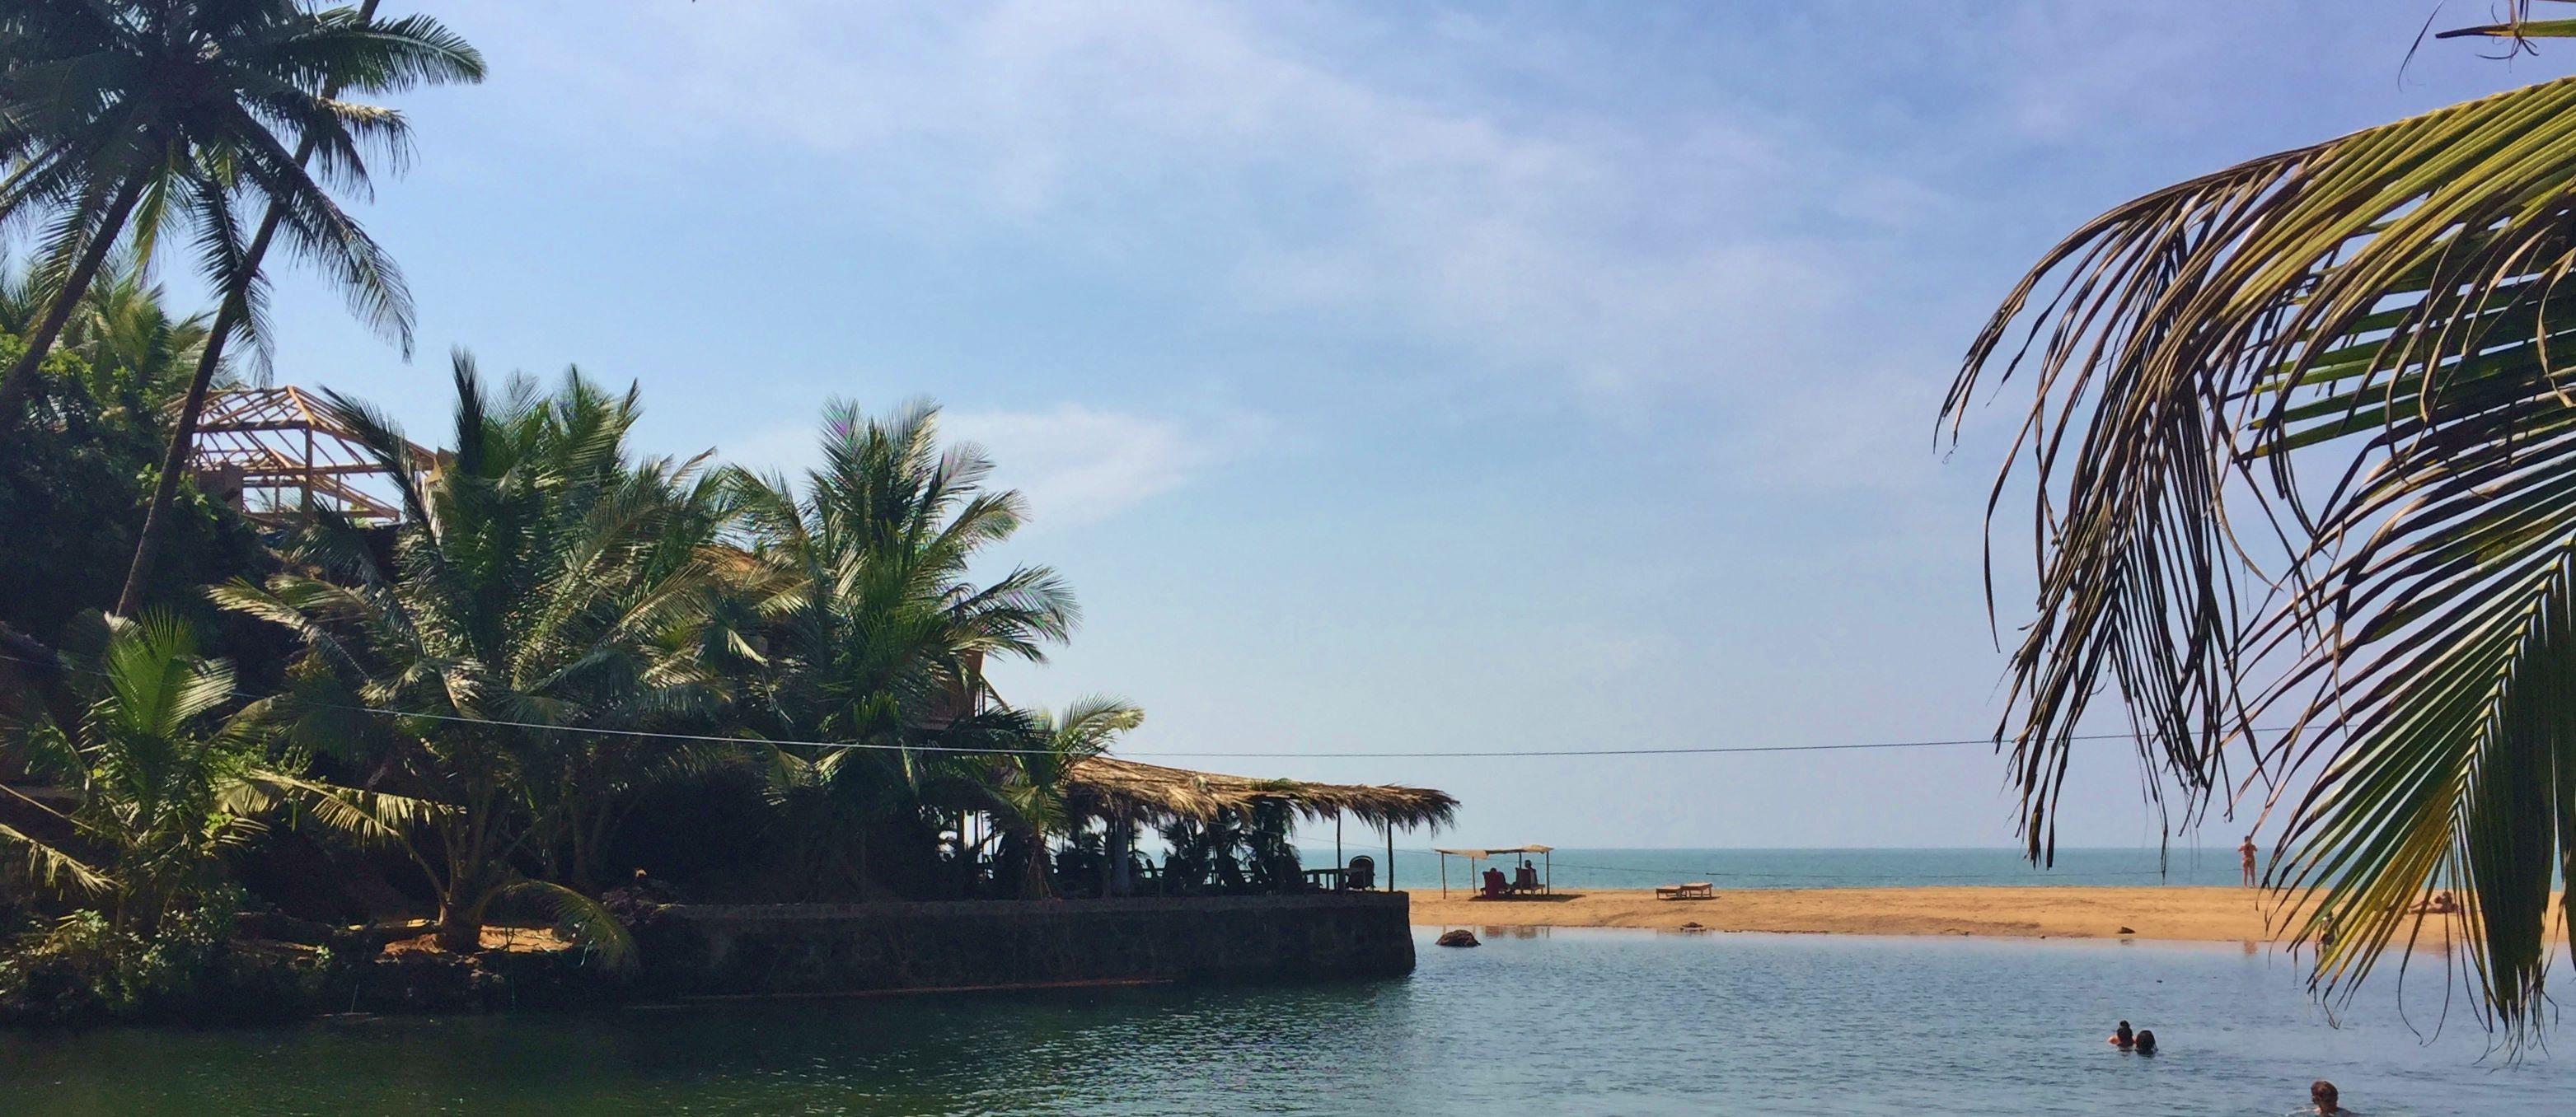 Blue Lagoon Cola Beach South Goa